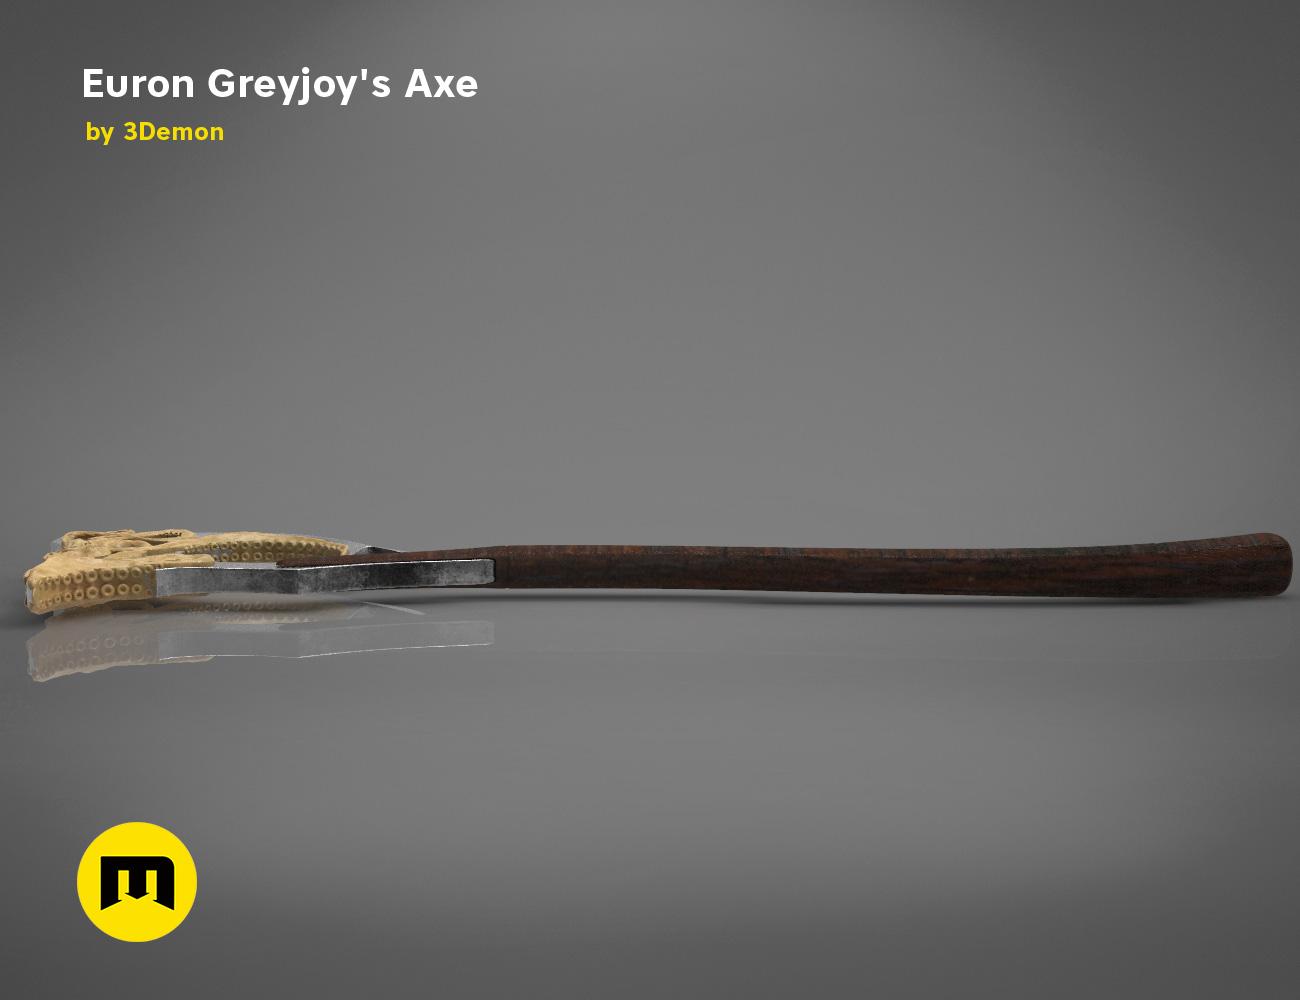 axe-gameofthrones-render.978.jpg Download OBJ file Euron Greyjoy's Axe • 3D printable object, 3D-mon